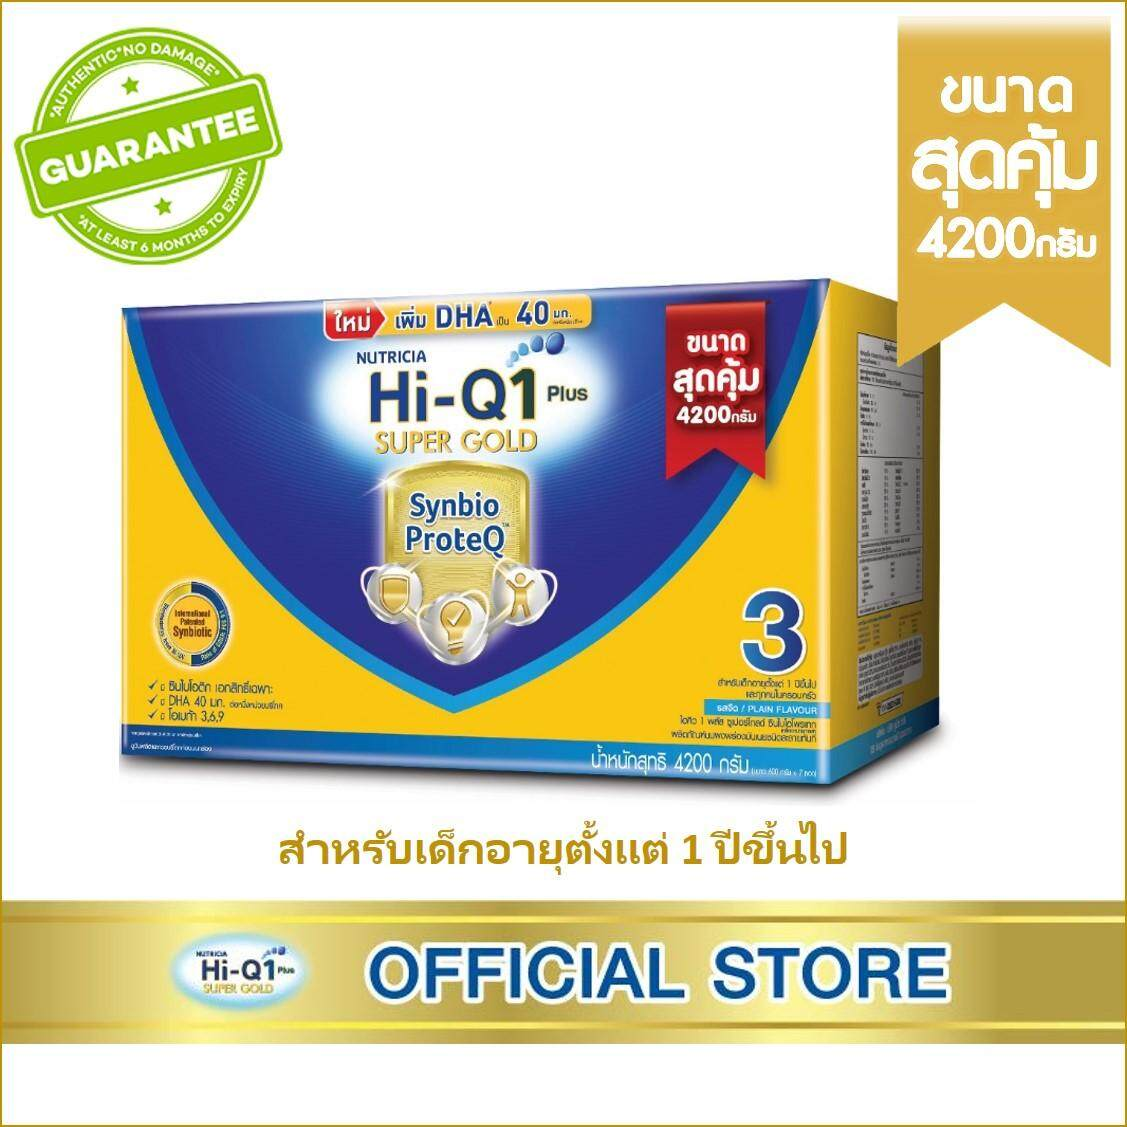 นมผง Hi-Q Supergold ไฮคิว 1 พลัส ซูเปอร์โกลด์ ซินไบโอโพรเทก รสจืด 4200 กรัม (ช่วงวัยที่ 3)